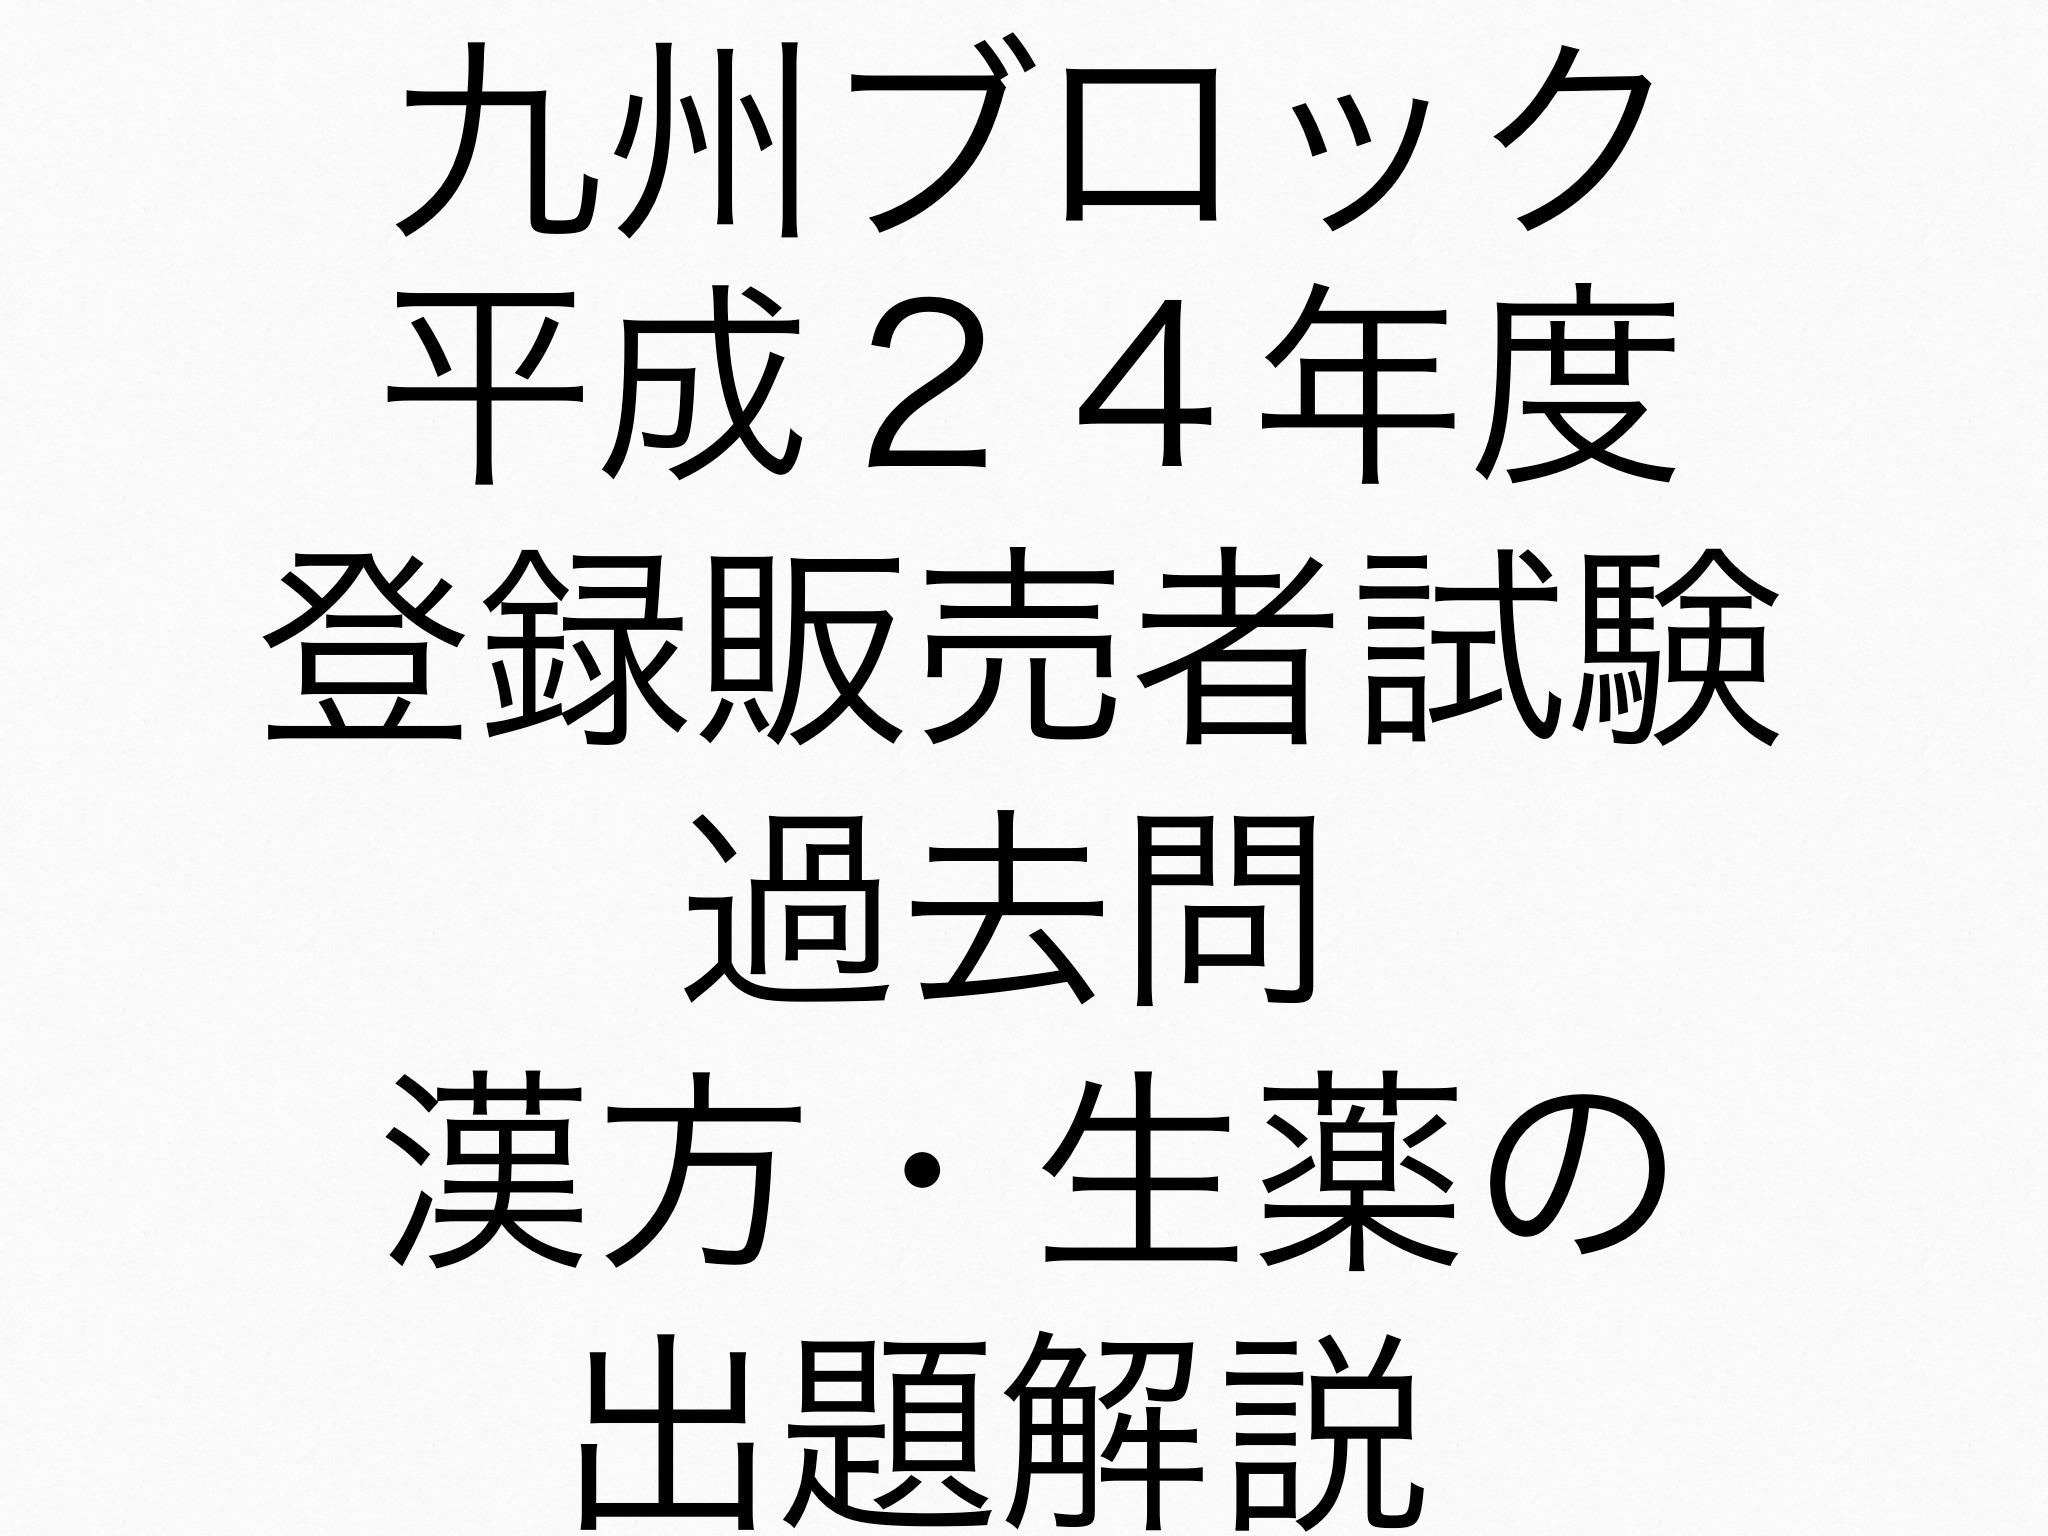 九州H24)登録販売者試験過去問 漢方・生薬の問題解説/出題傾向